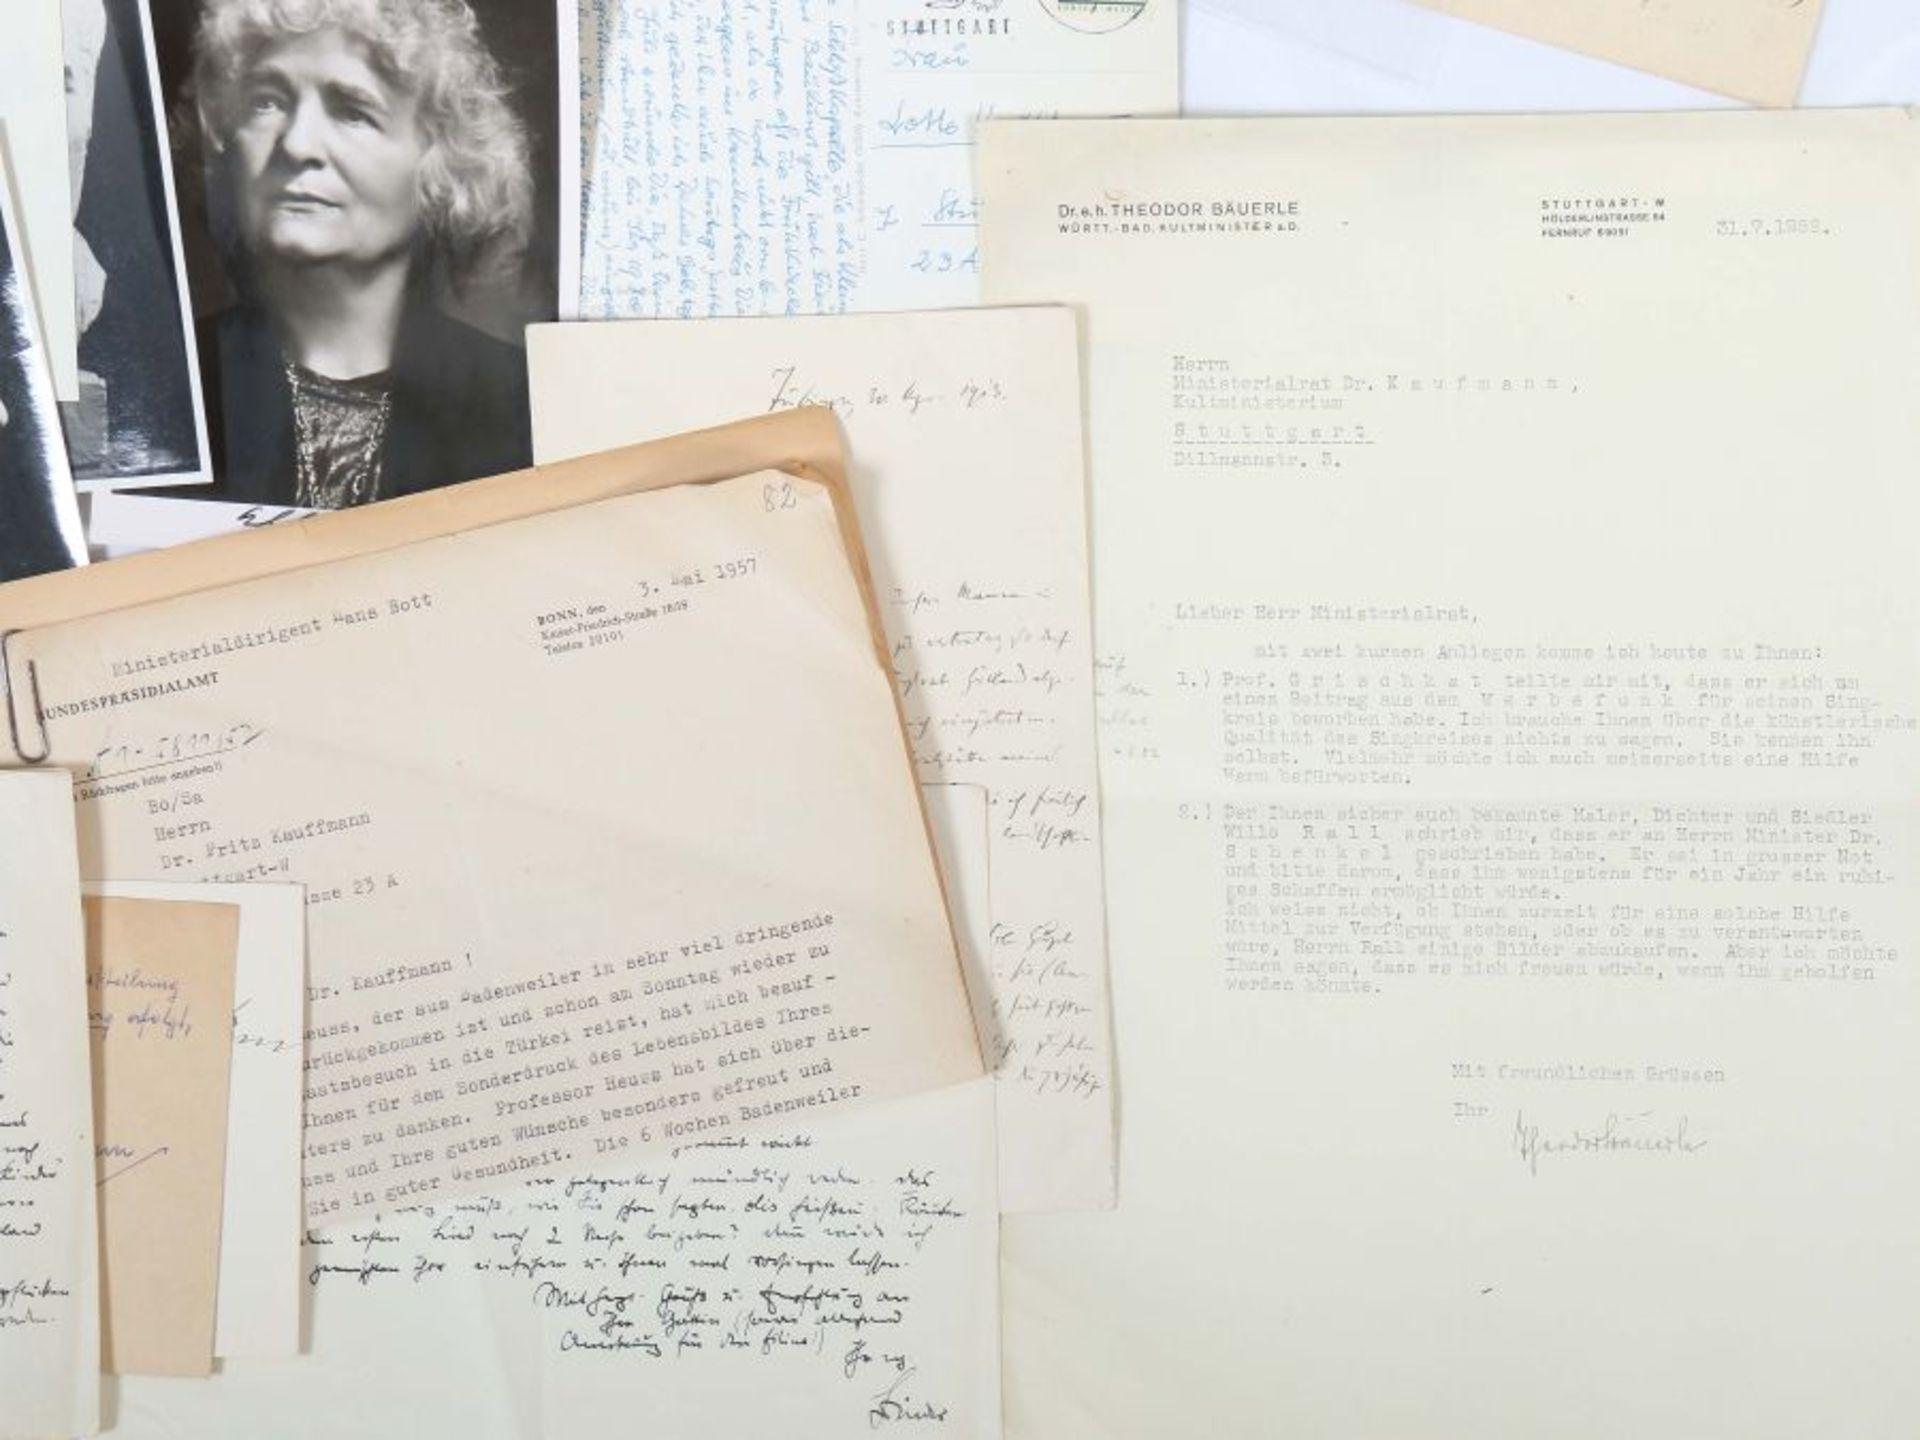 Künstlerkorrespondenzen Hand-/maschinengeschriebene Karten und Briefe u.a. von Felix Petyrek, - Bild 4 aus 5